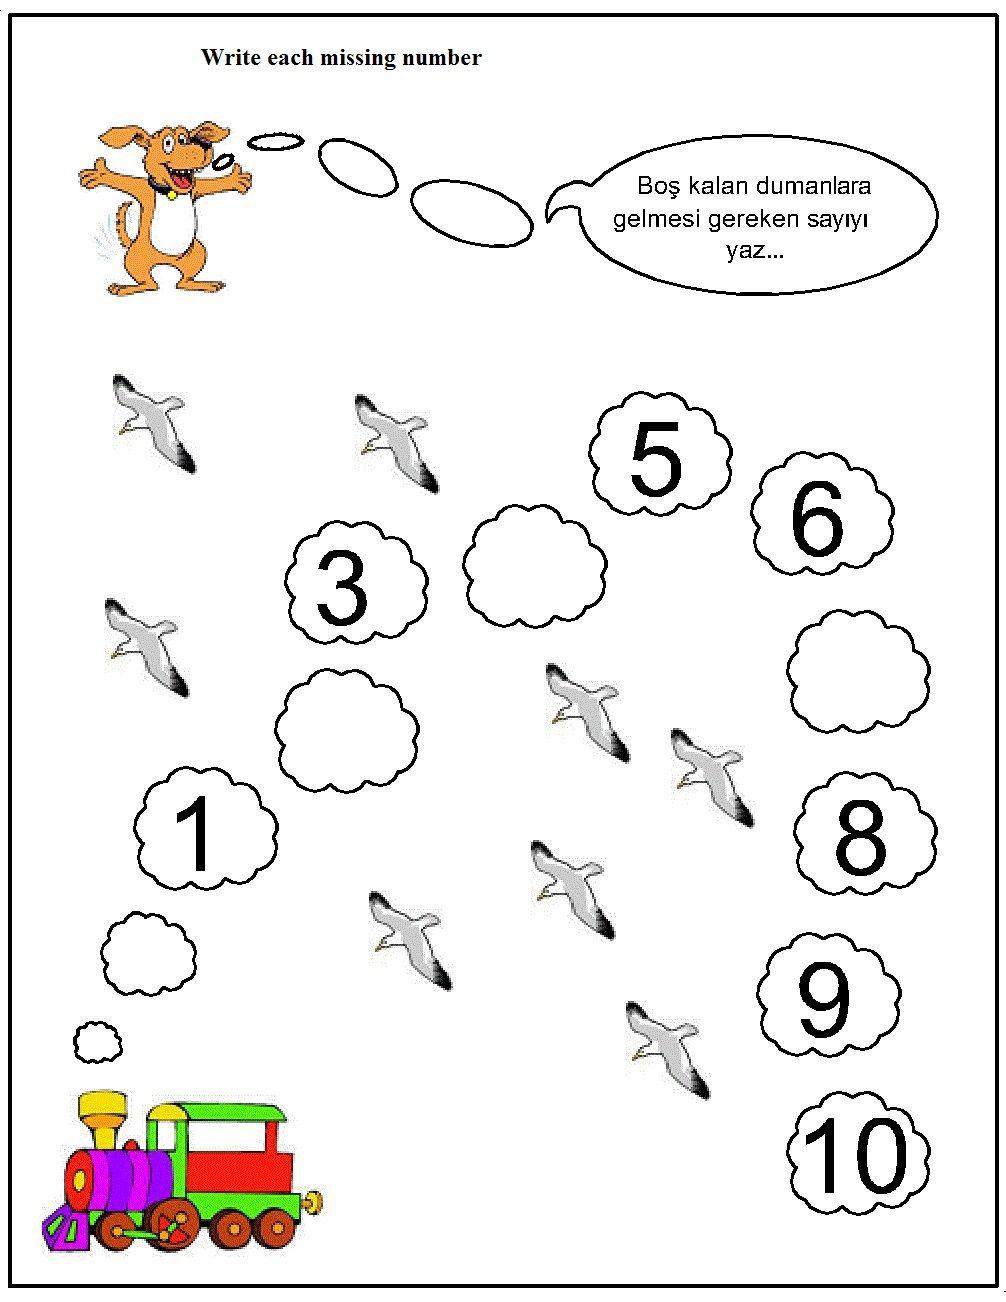 Missing Number Worksheet For Kids1 10 Crafts And Worksheets For